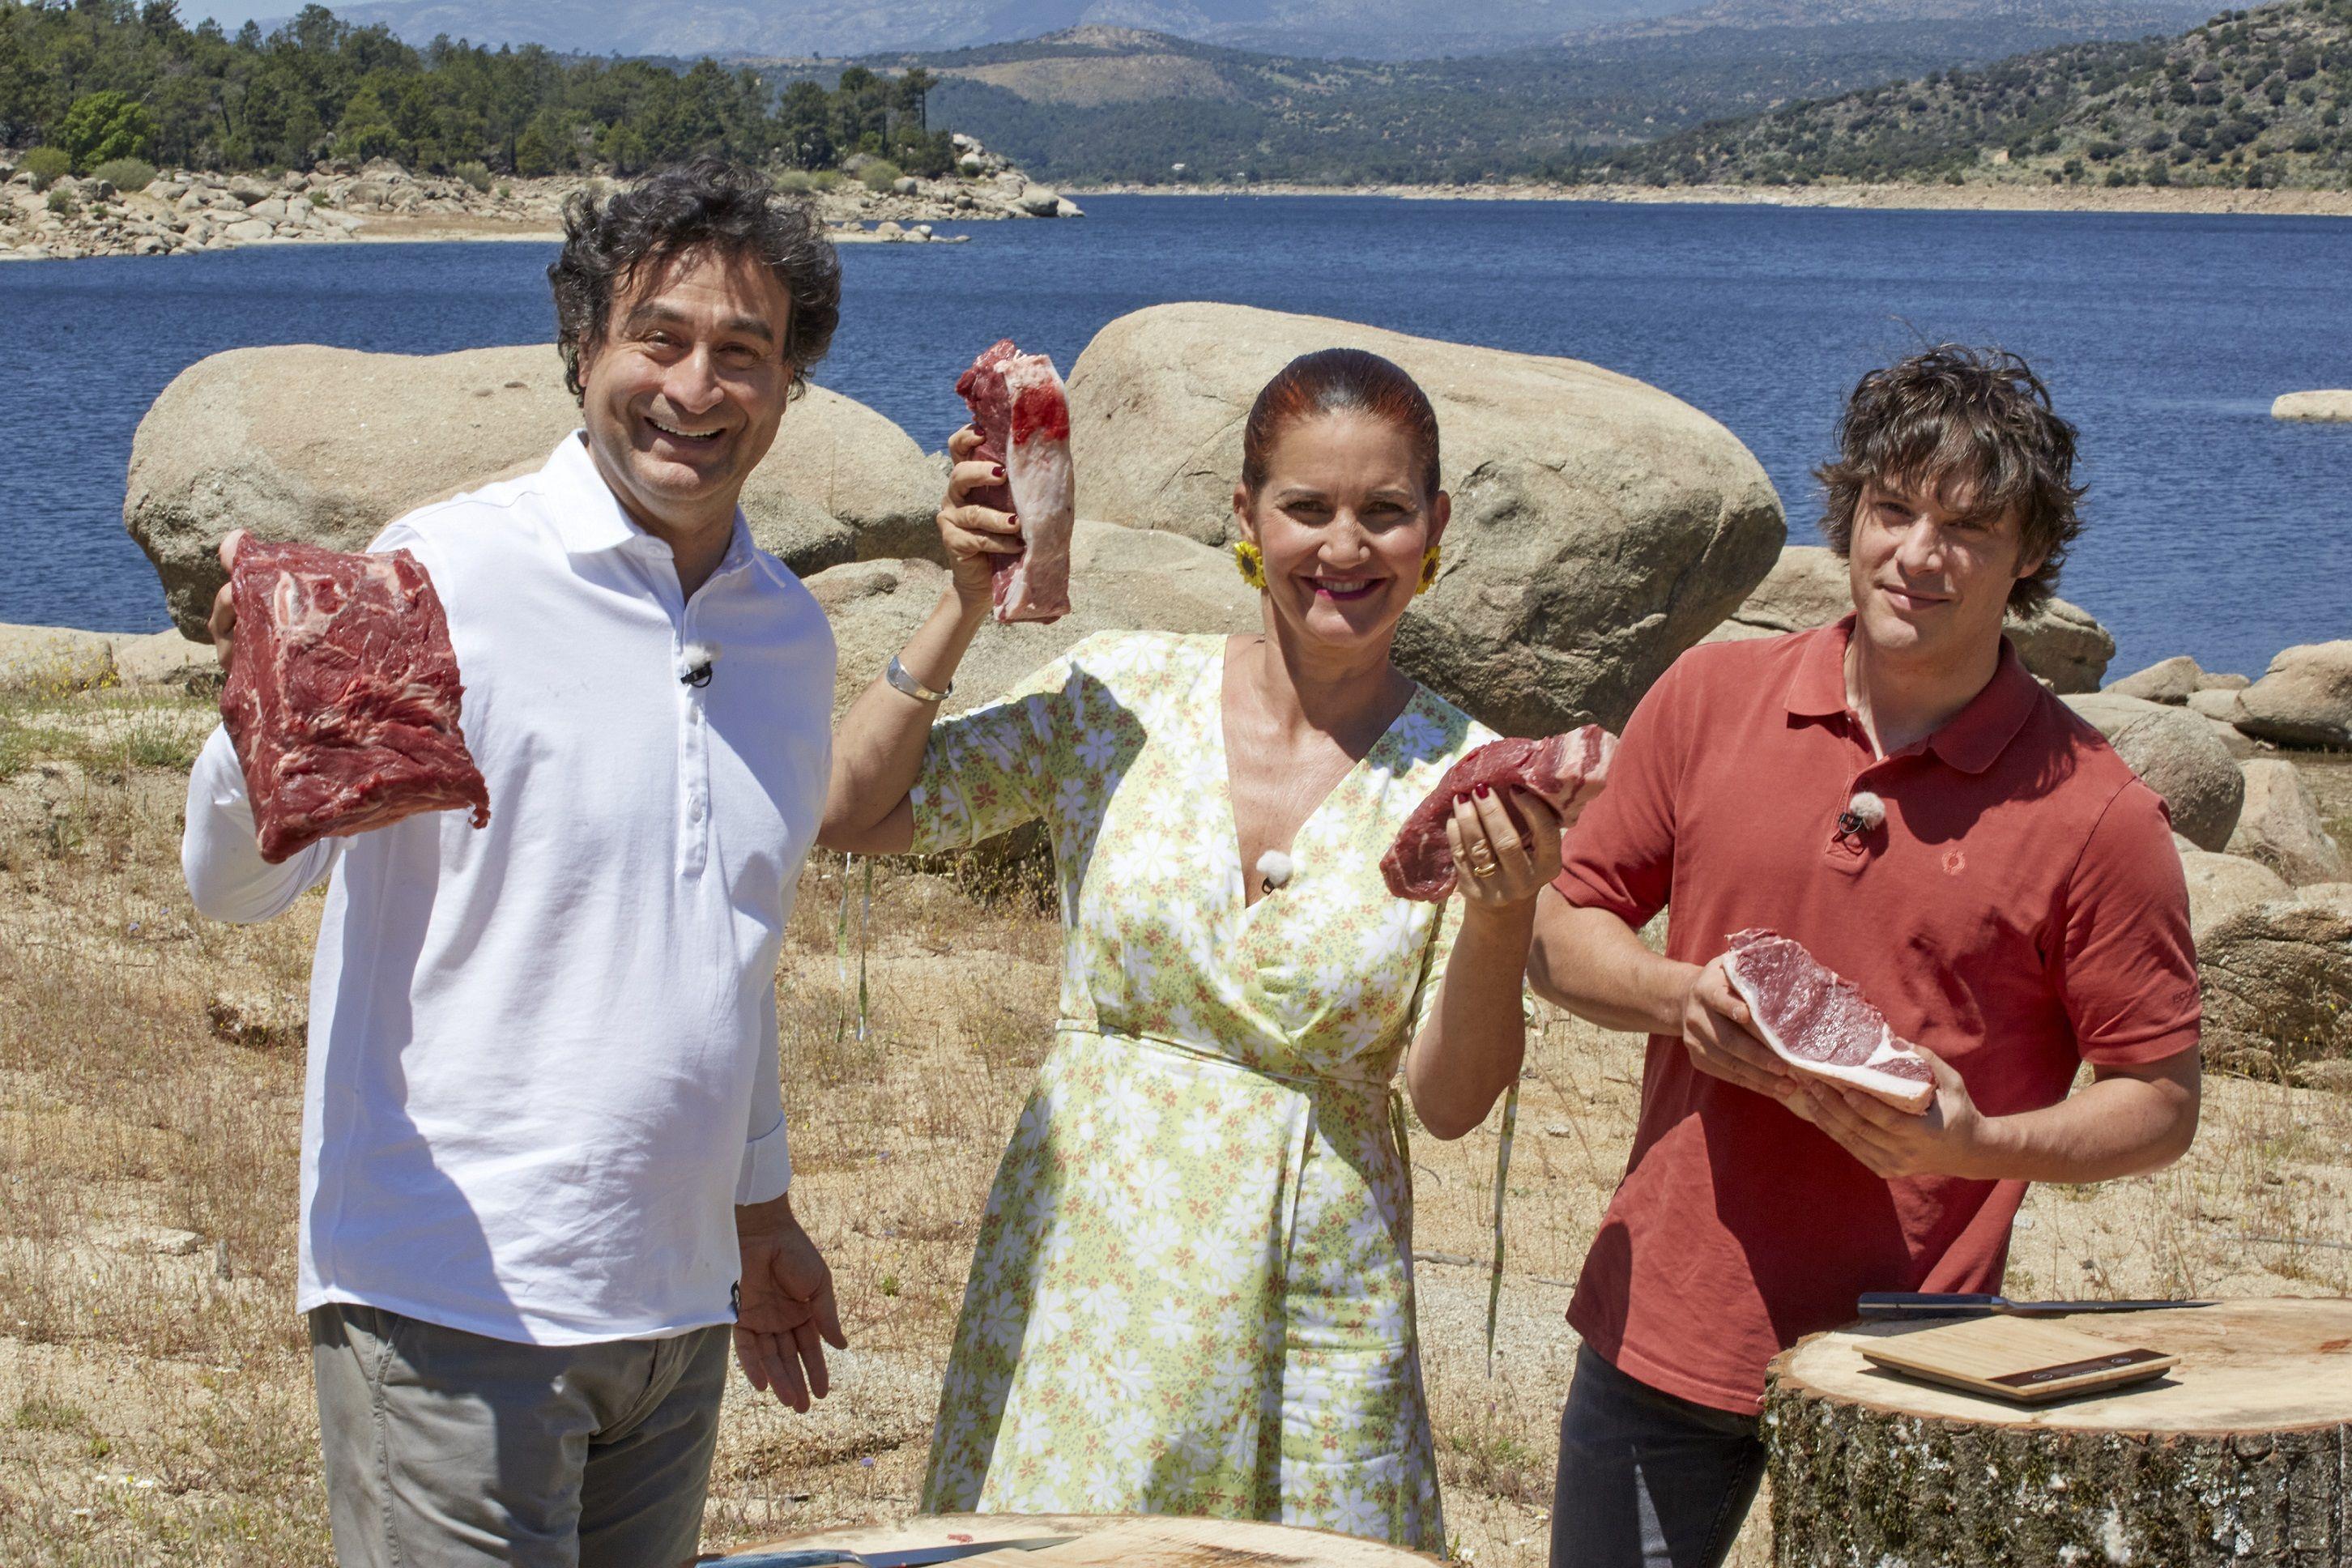 Los chefs Pepe Rodríguez, Samantha Vallejo-Nájera y Jordi Cruz muestran varios trozos de carne de Ávila